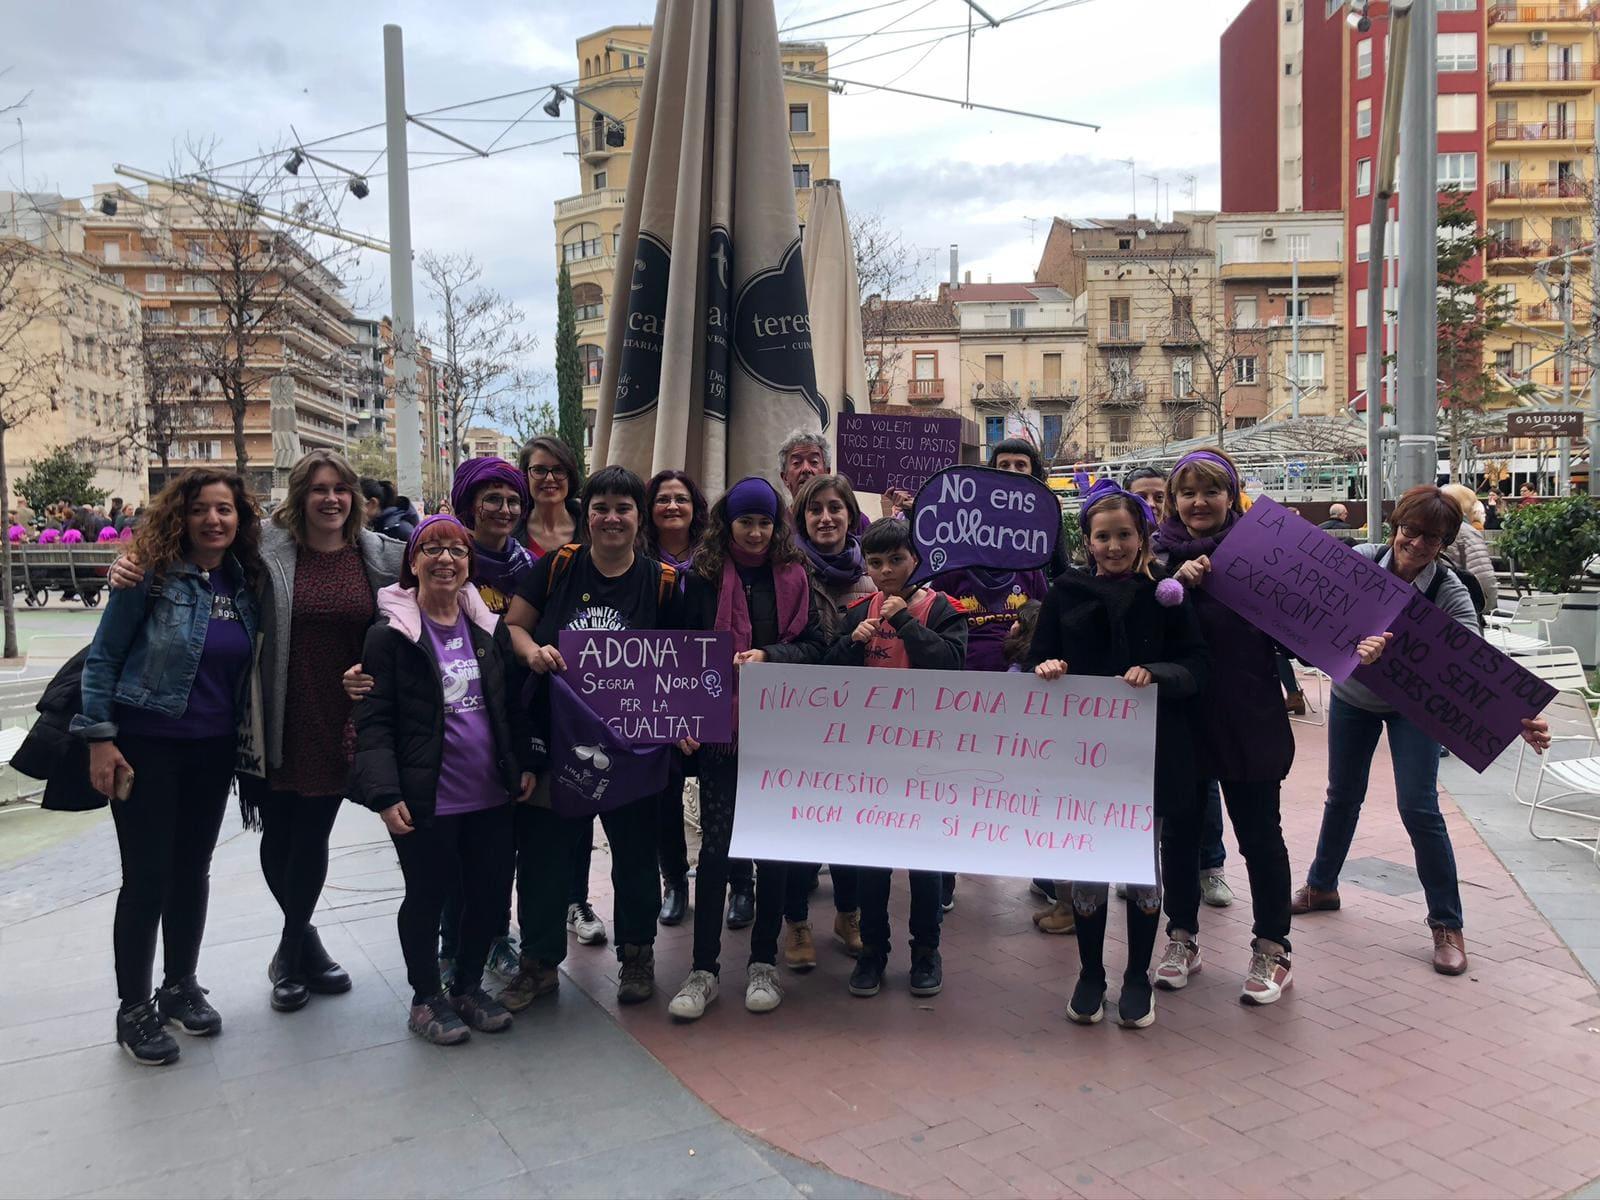 Presència d'Adona't a la manifestació del 8M de 2020 a Lleida